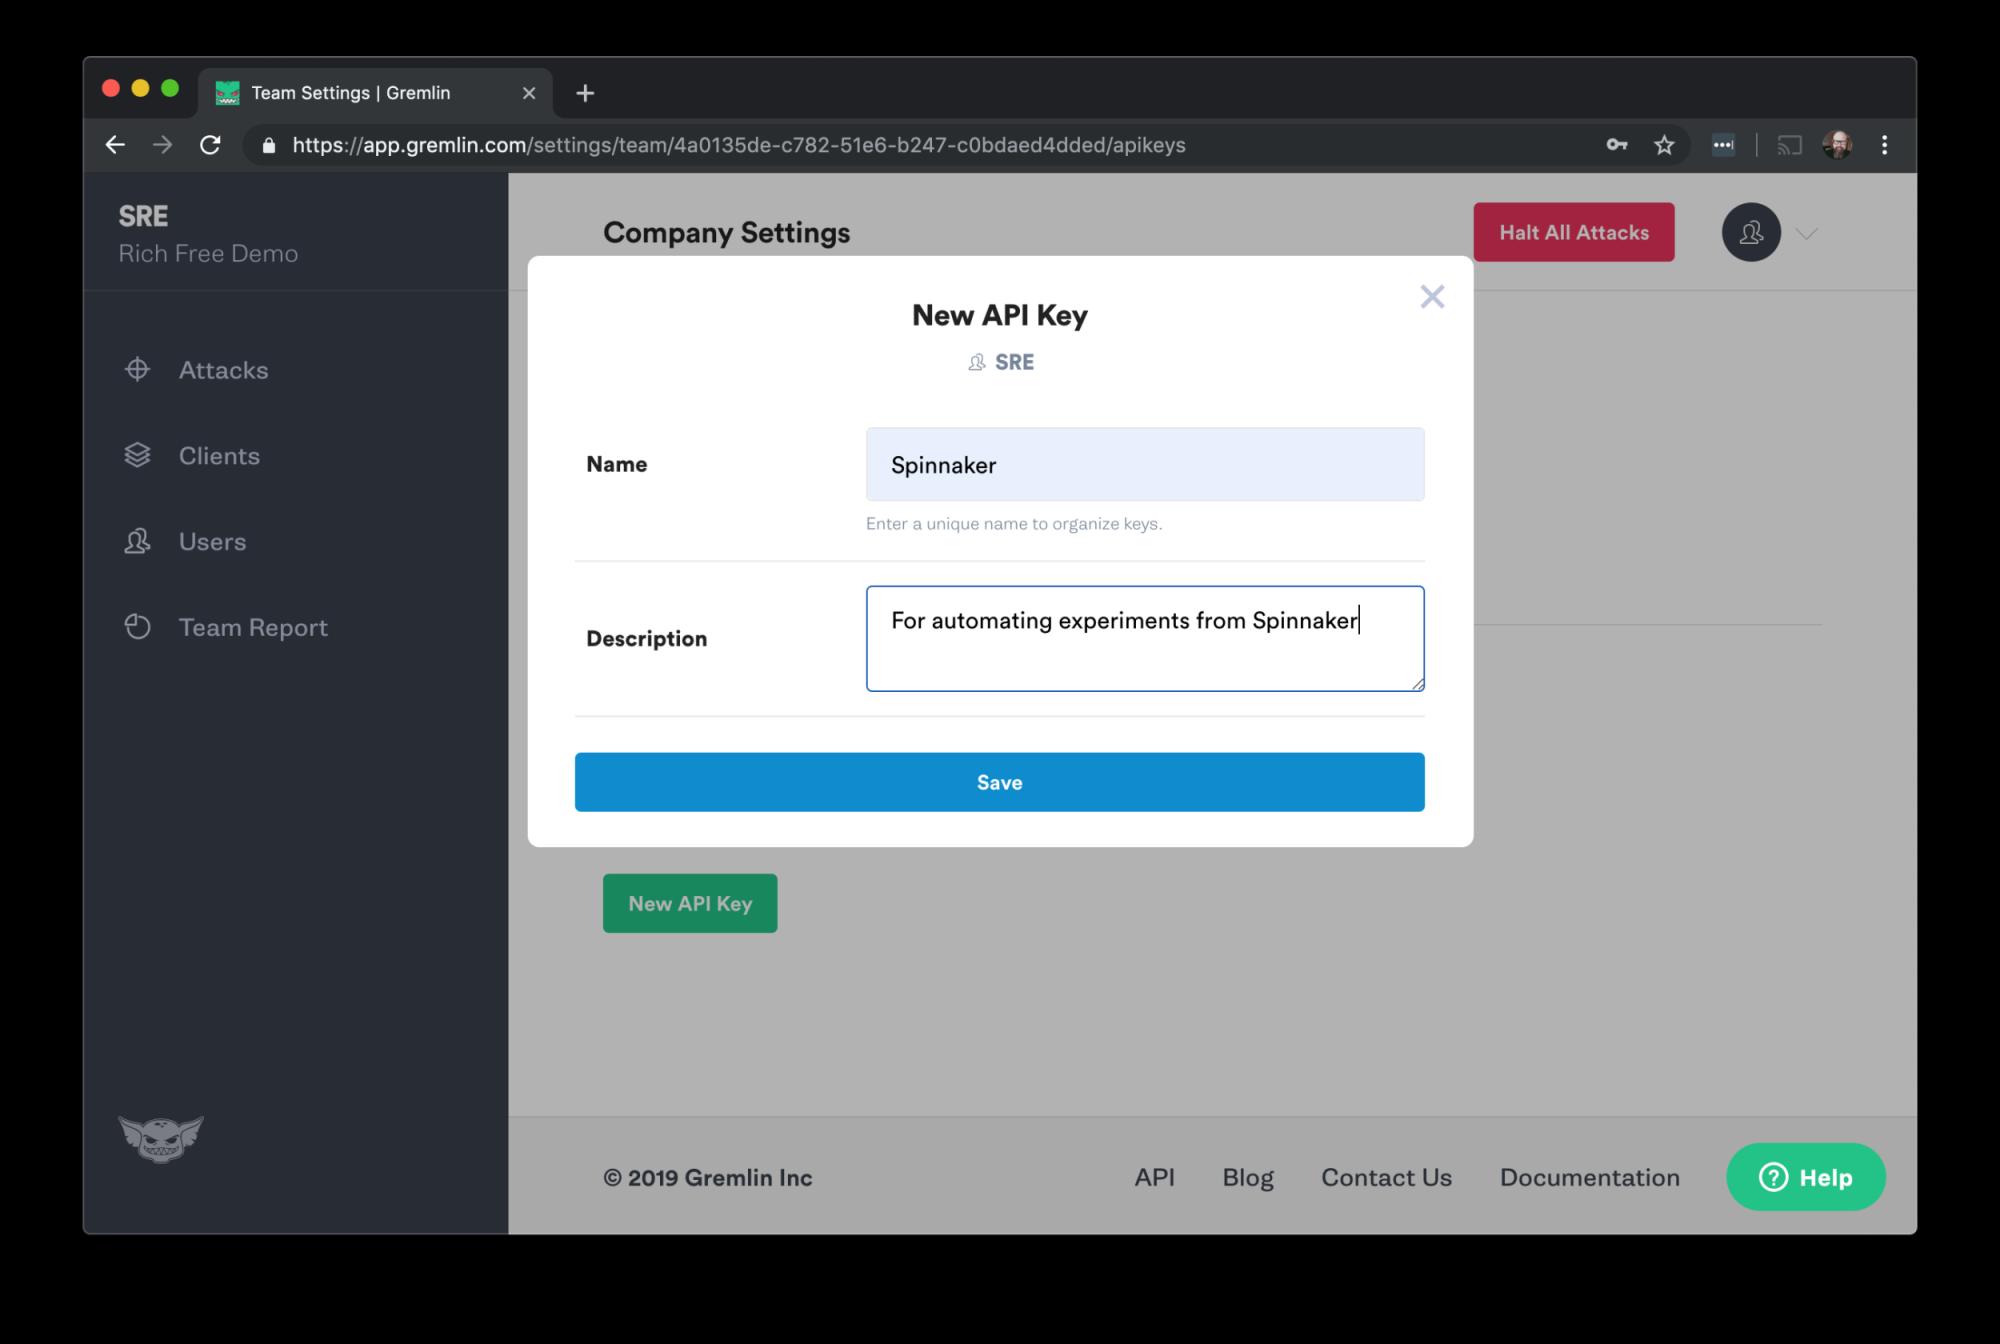 Save API key